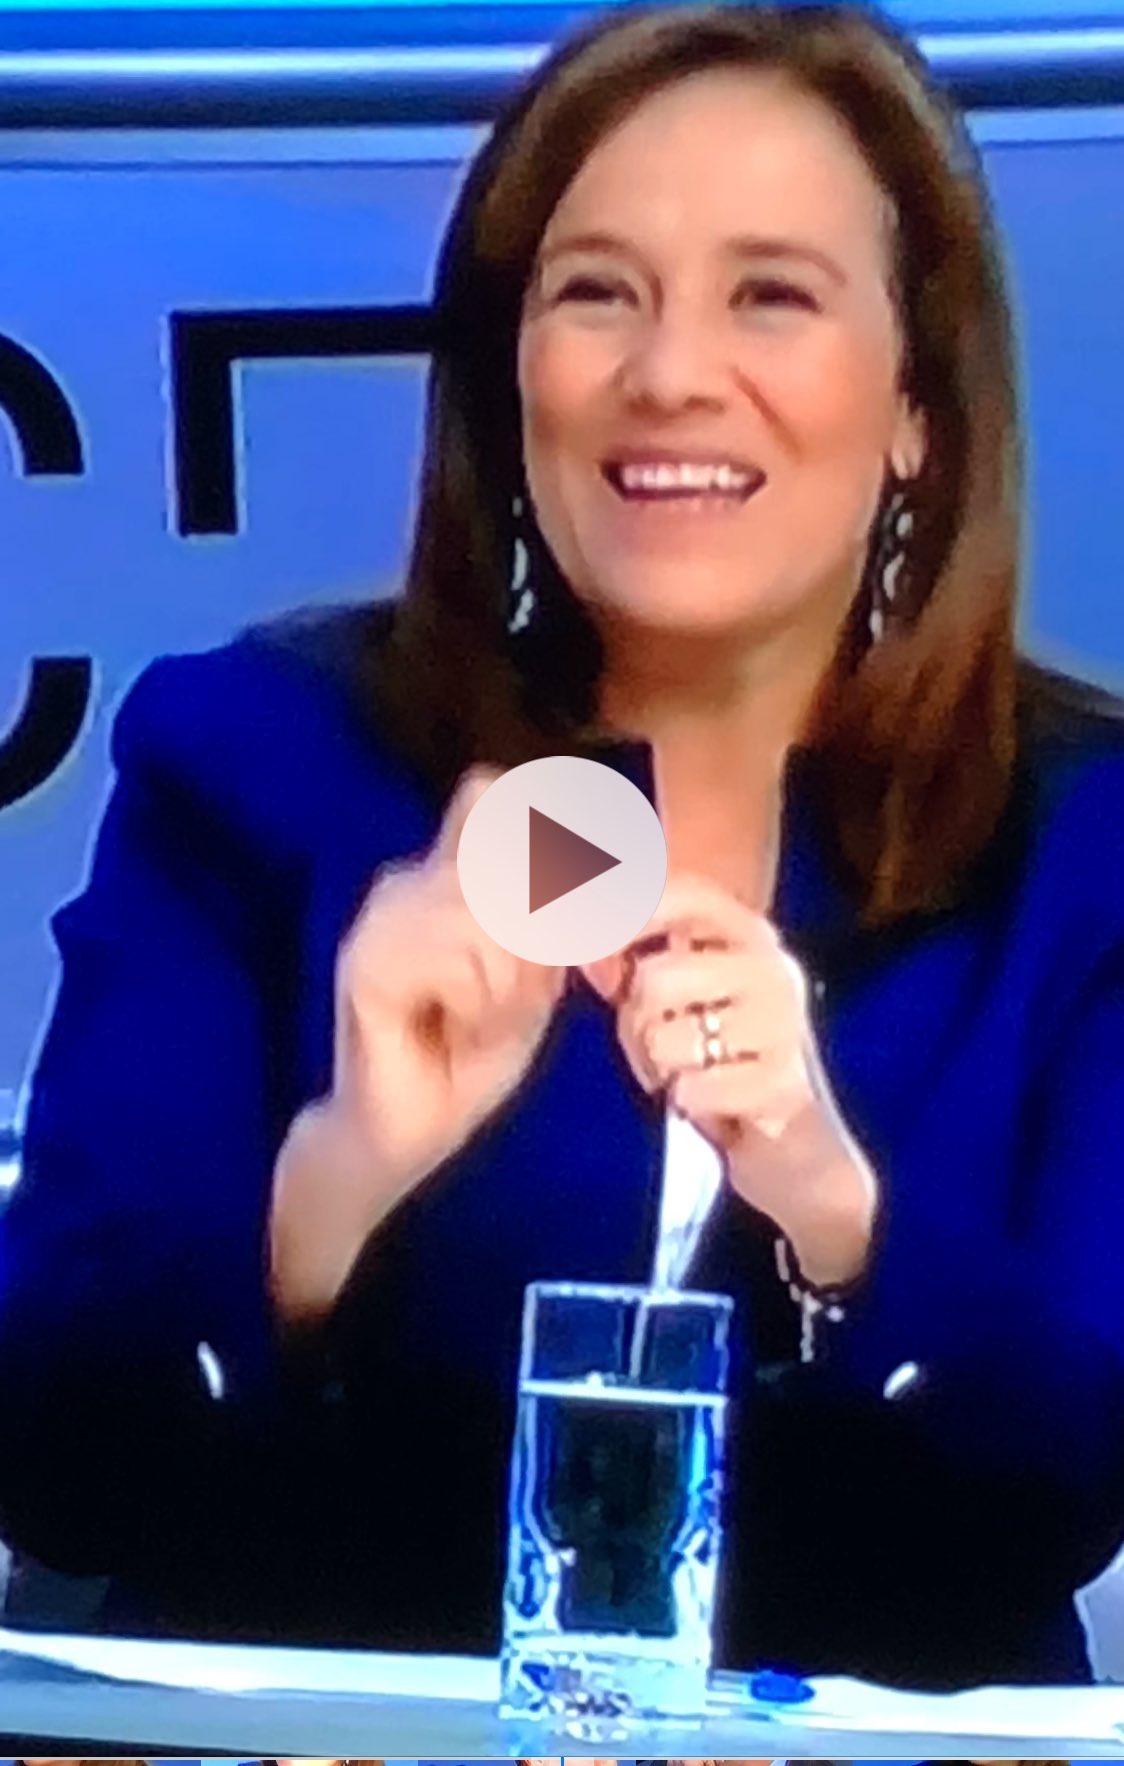 Mucho más contenta y relajada que en el debate. #MargaritaEnTercerGrado https://t.co/oE48WThpwp